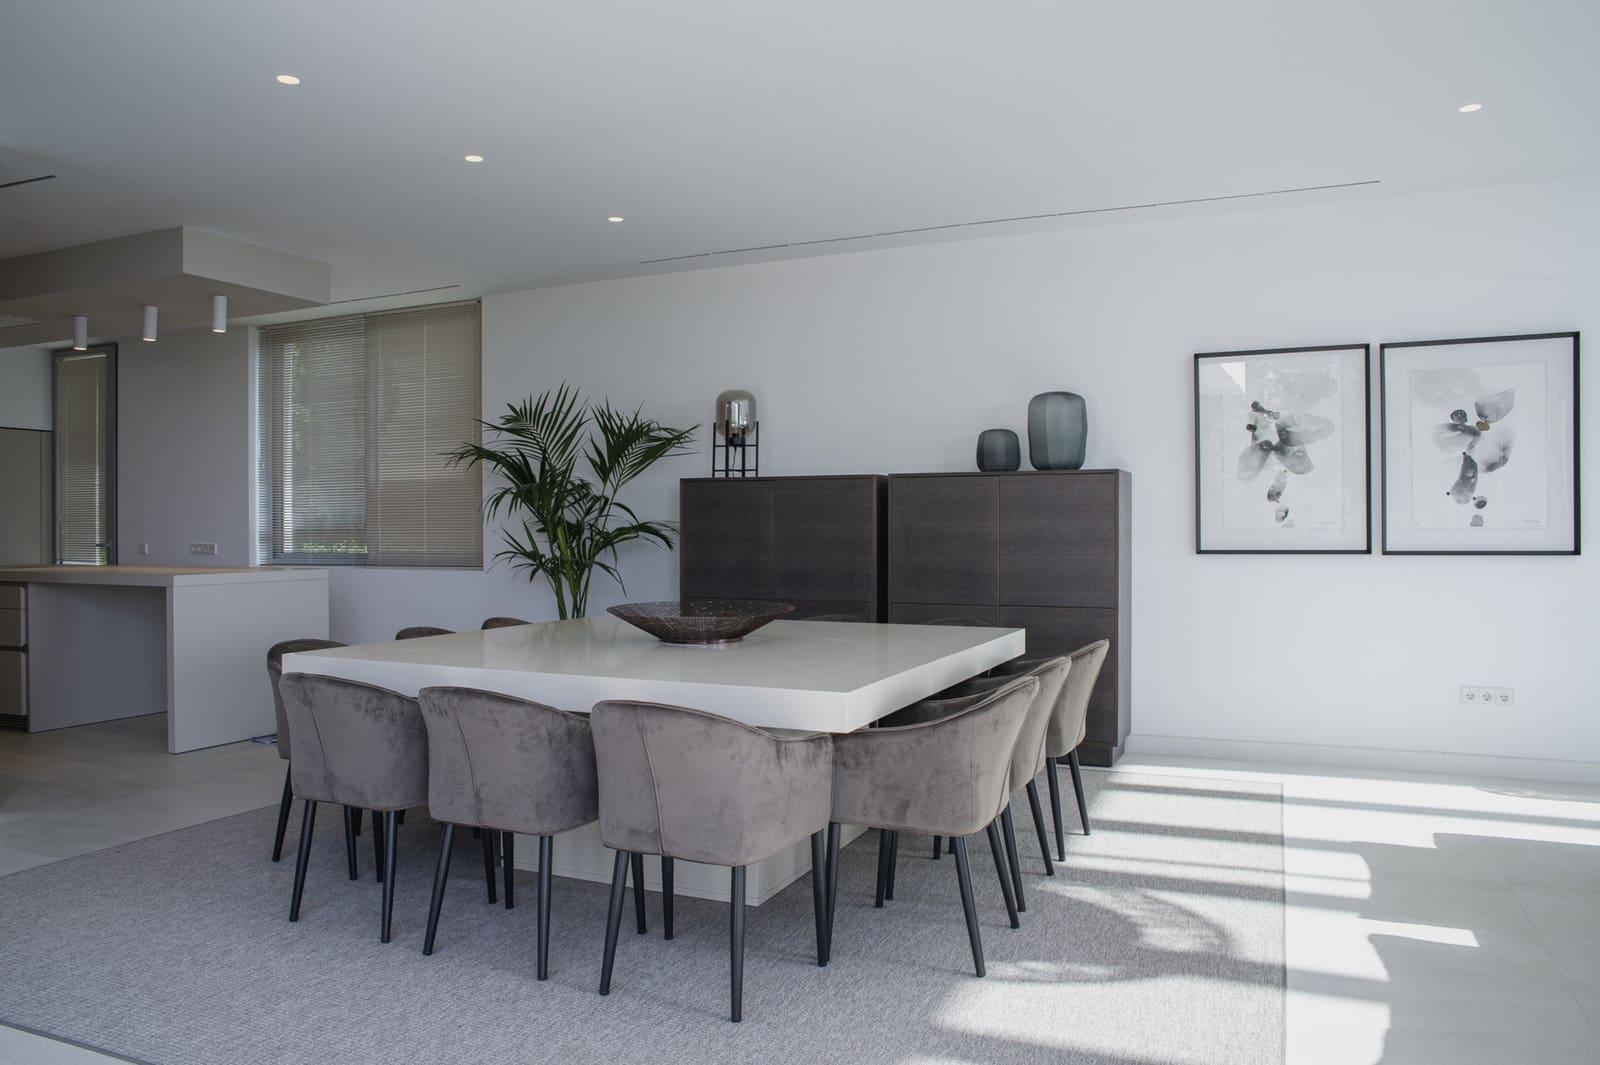 5 bedroom Villa for sale in Benahavis with pool - € 3,200,000 (Ref: 5958977)